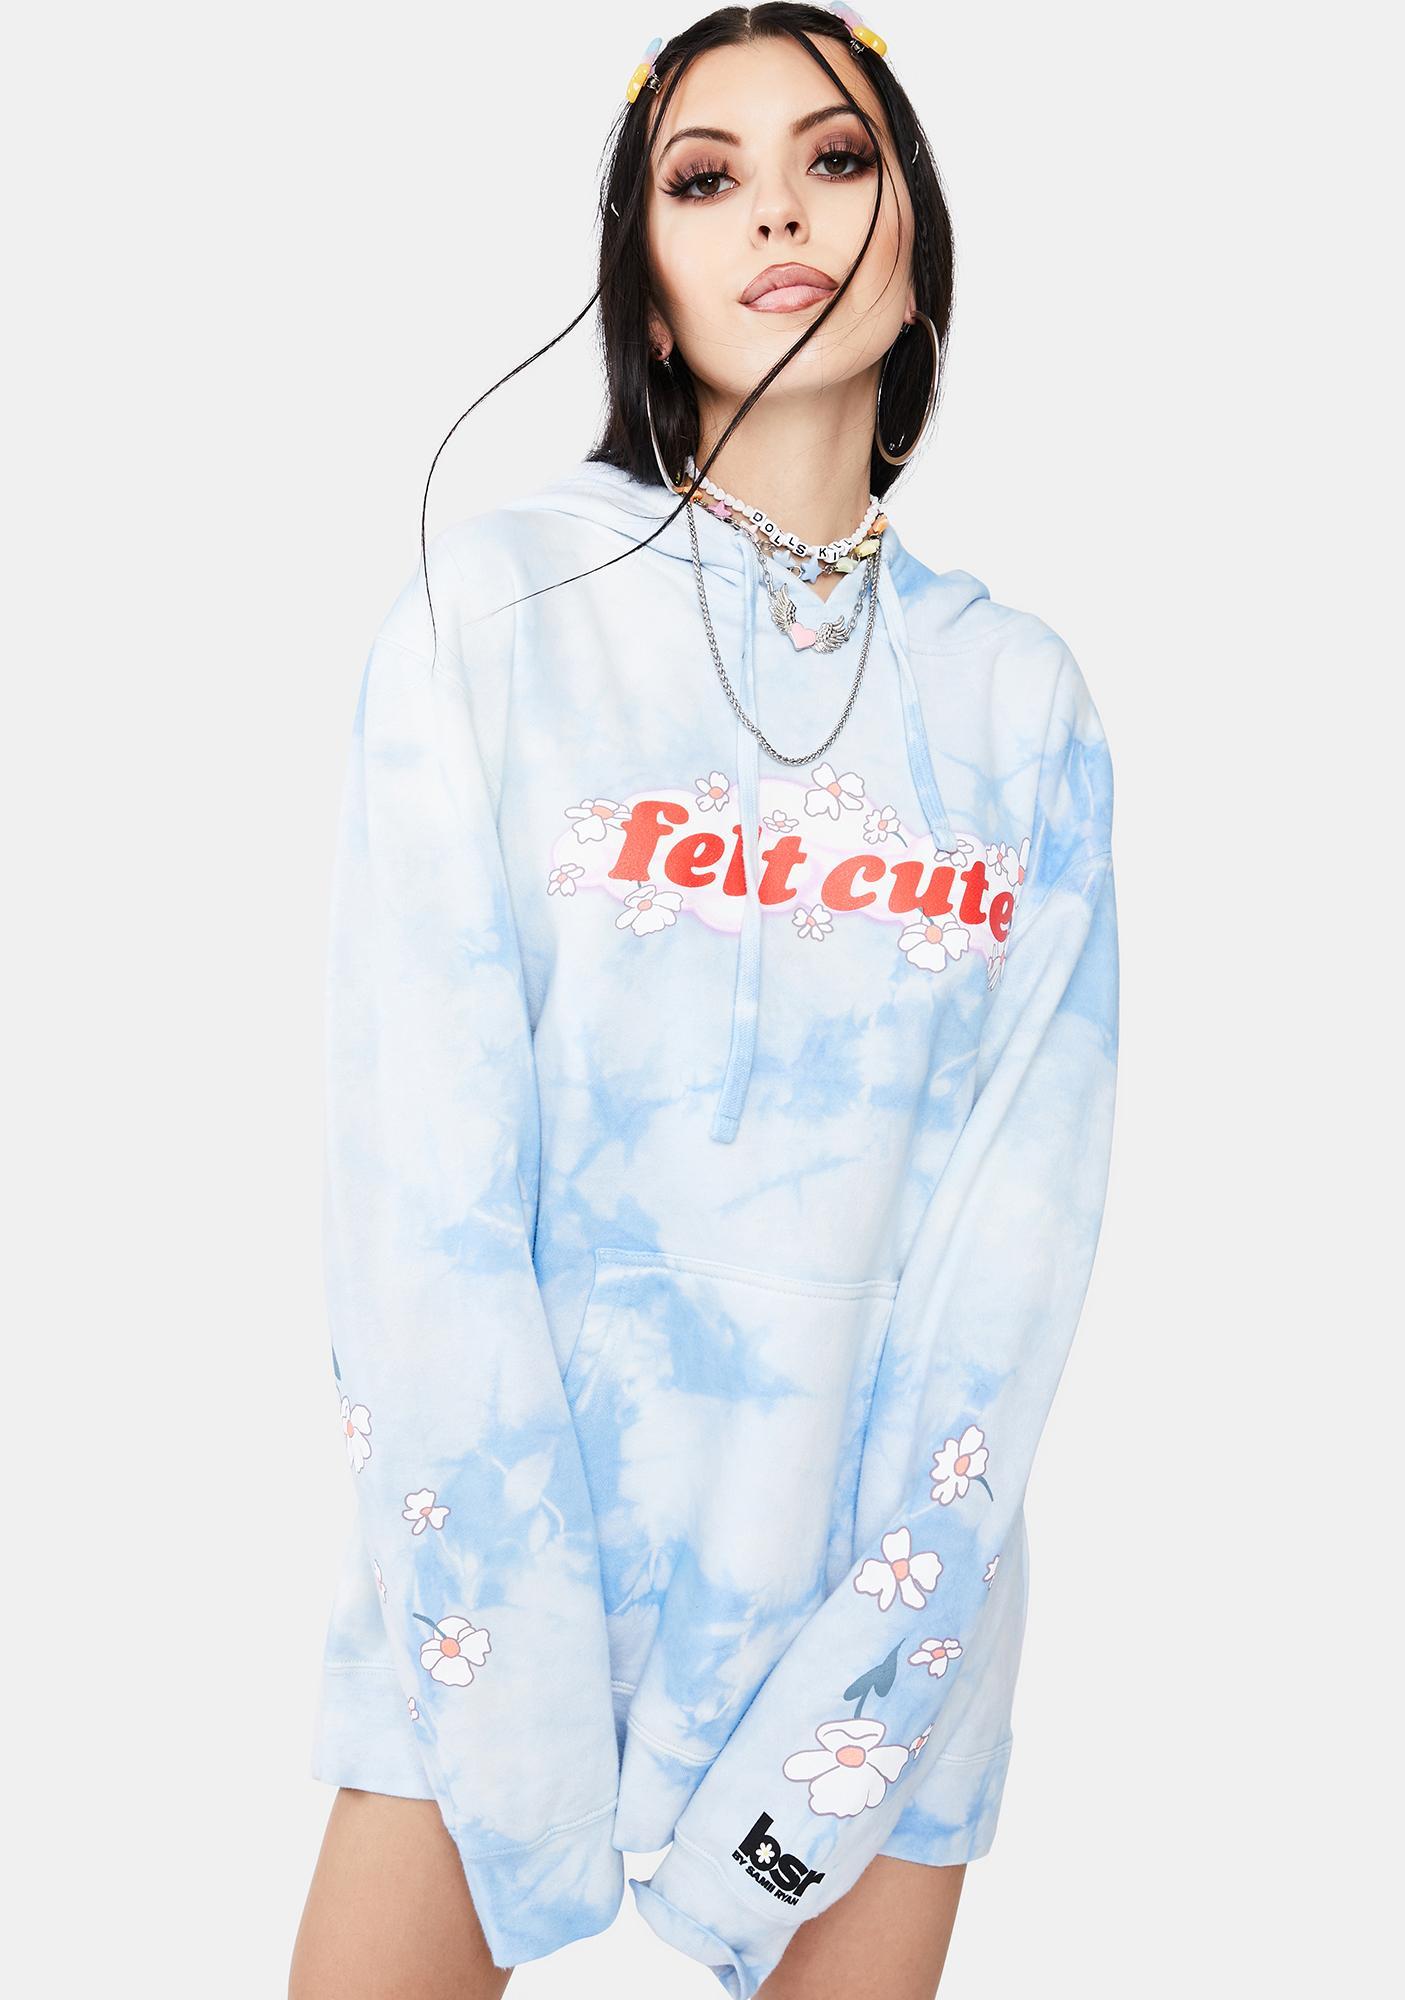 By Samii Ryan Felt Cute Tie Dye Hoodie